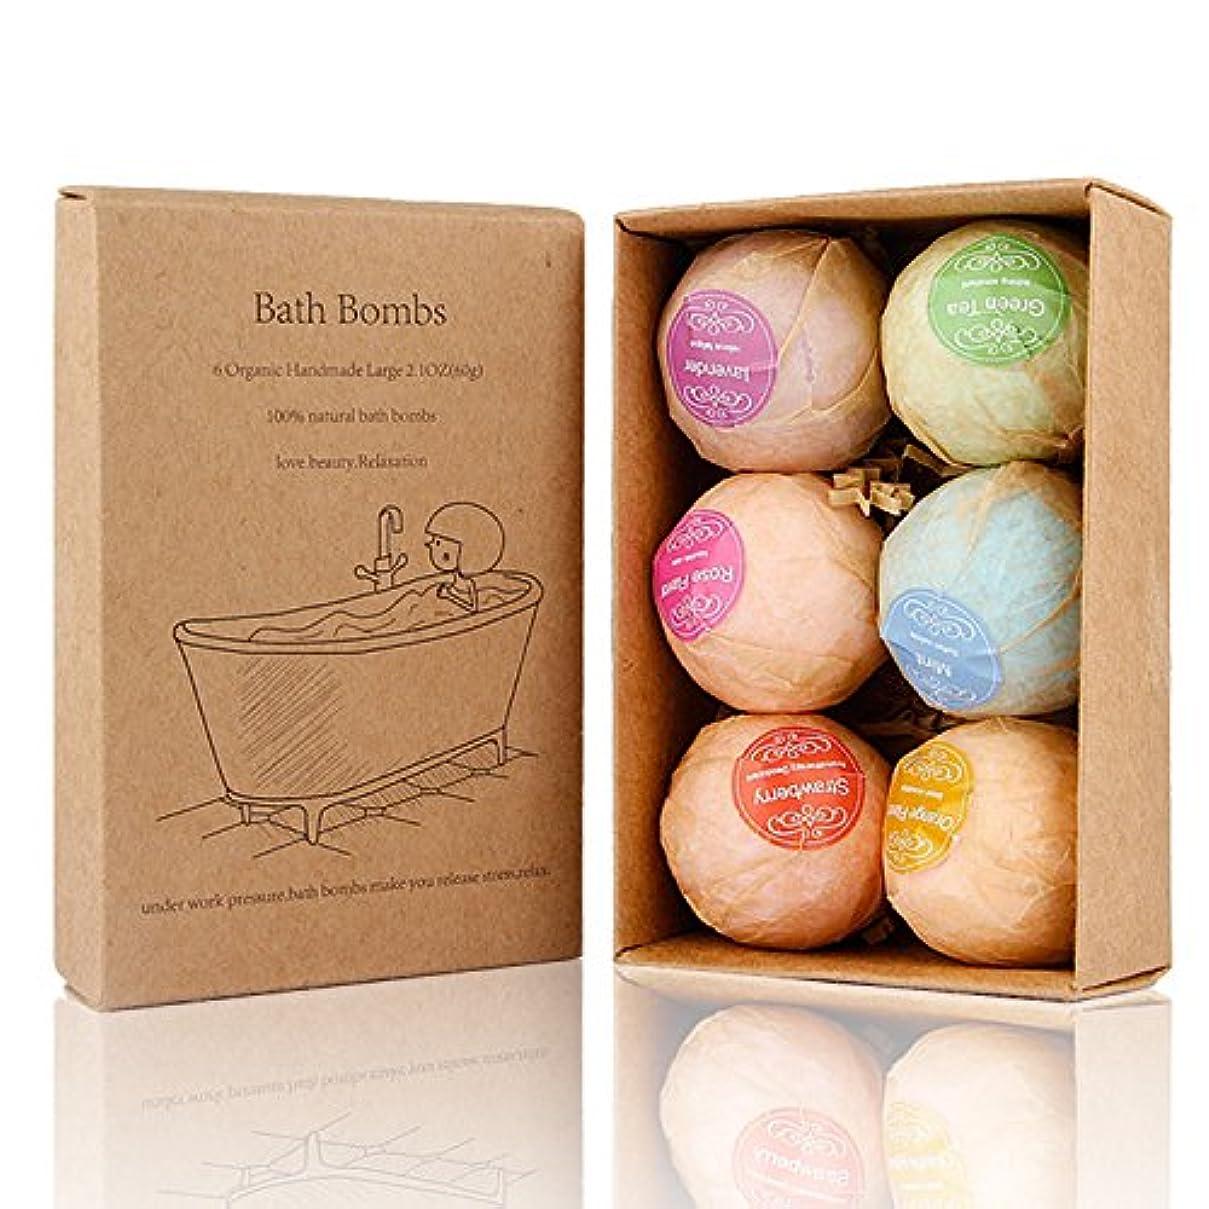 配管工農夫メガロポリスBath Bomb, 温泡 入浴剤 ギフトセット6個入り, Perfect for Bubble & Spa Bath Ultra Lush Bath Fizzies